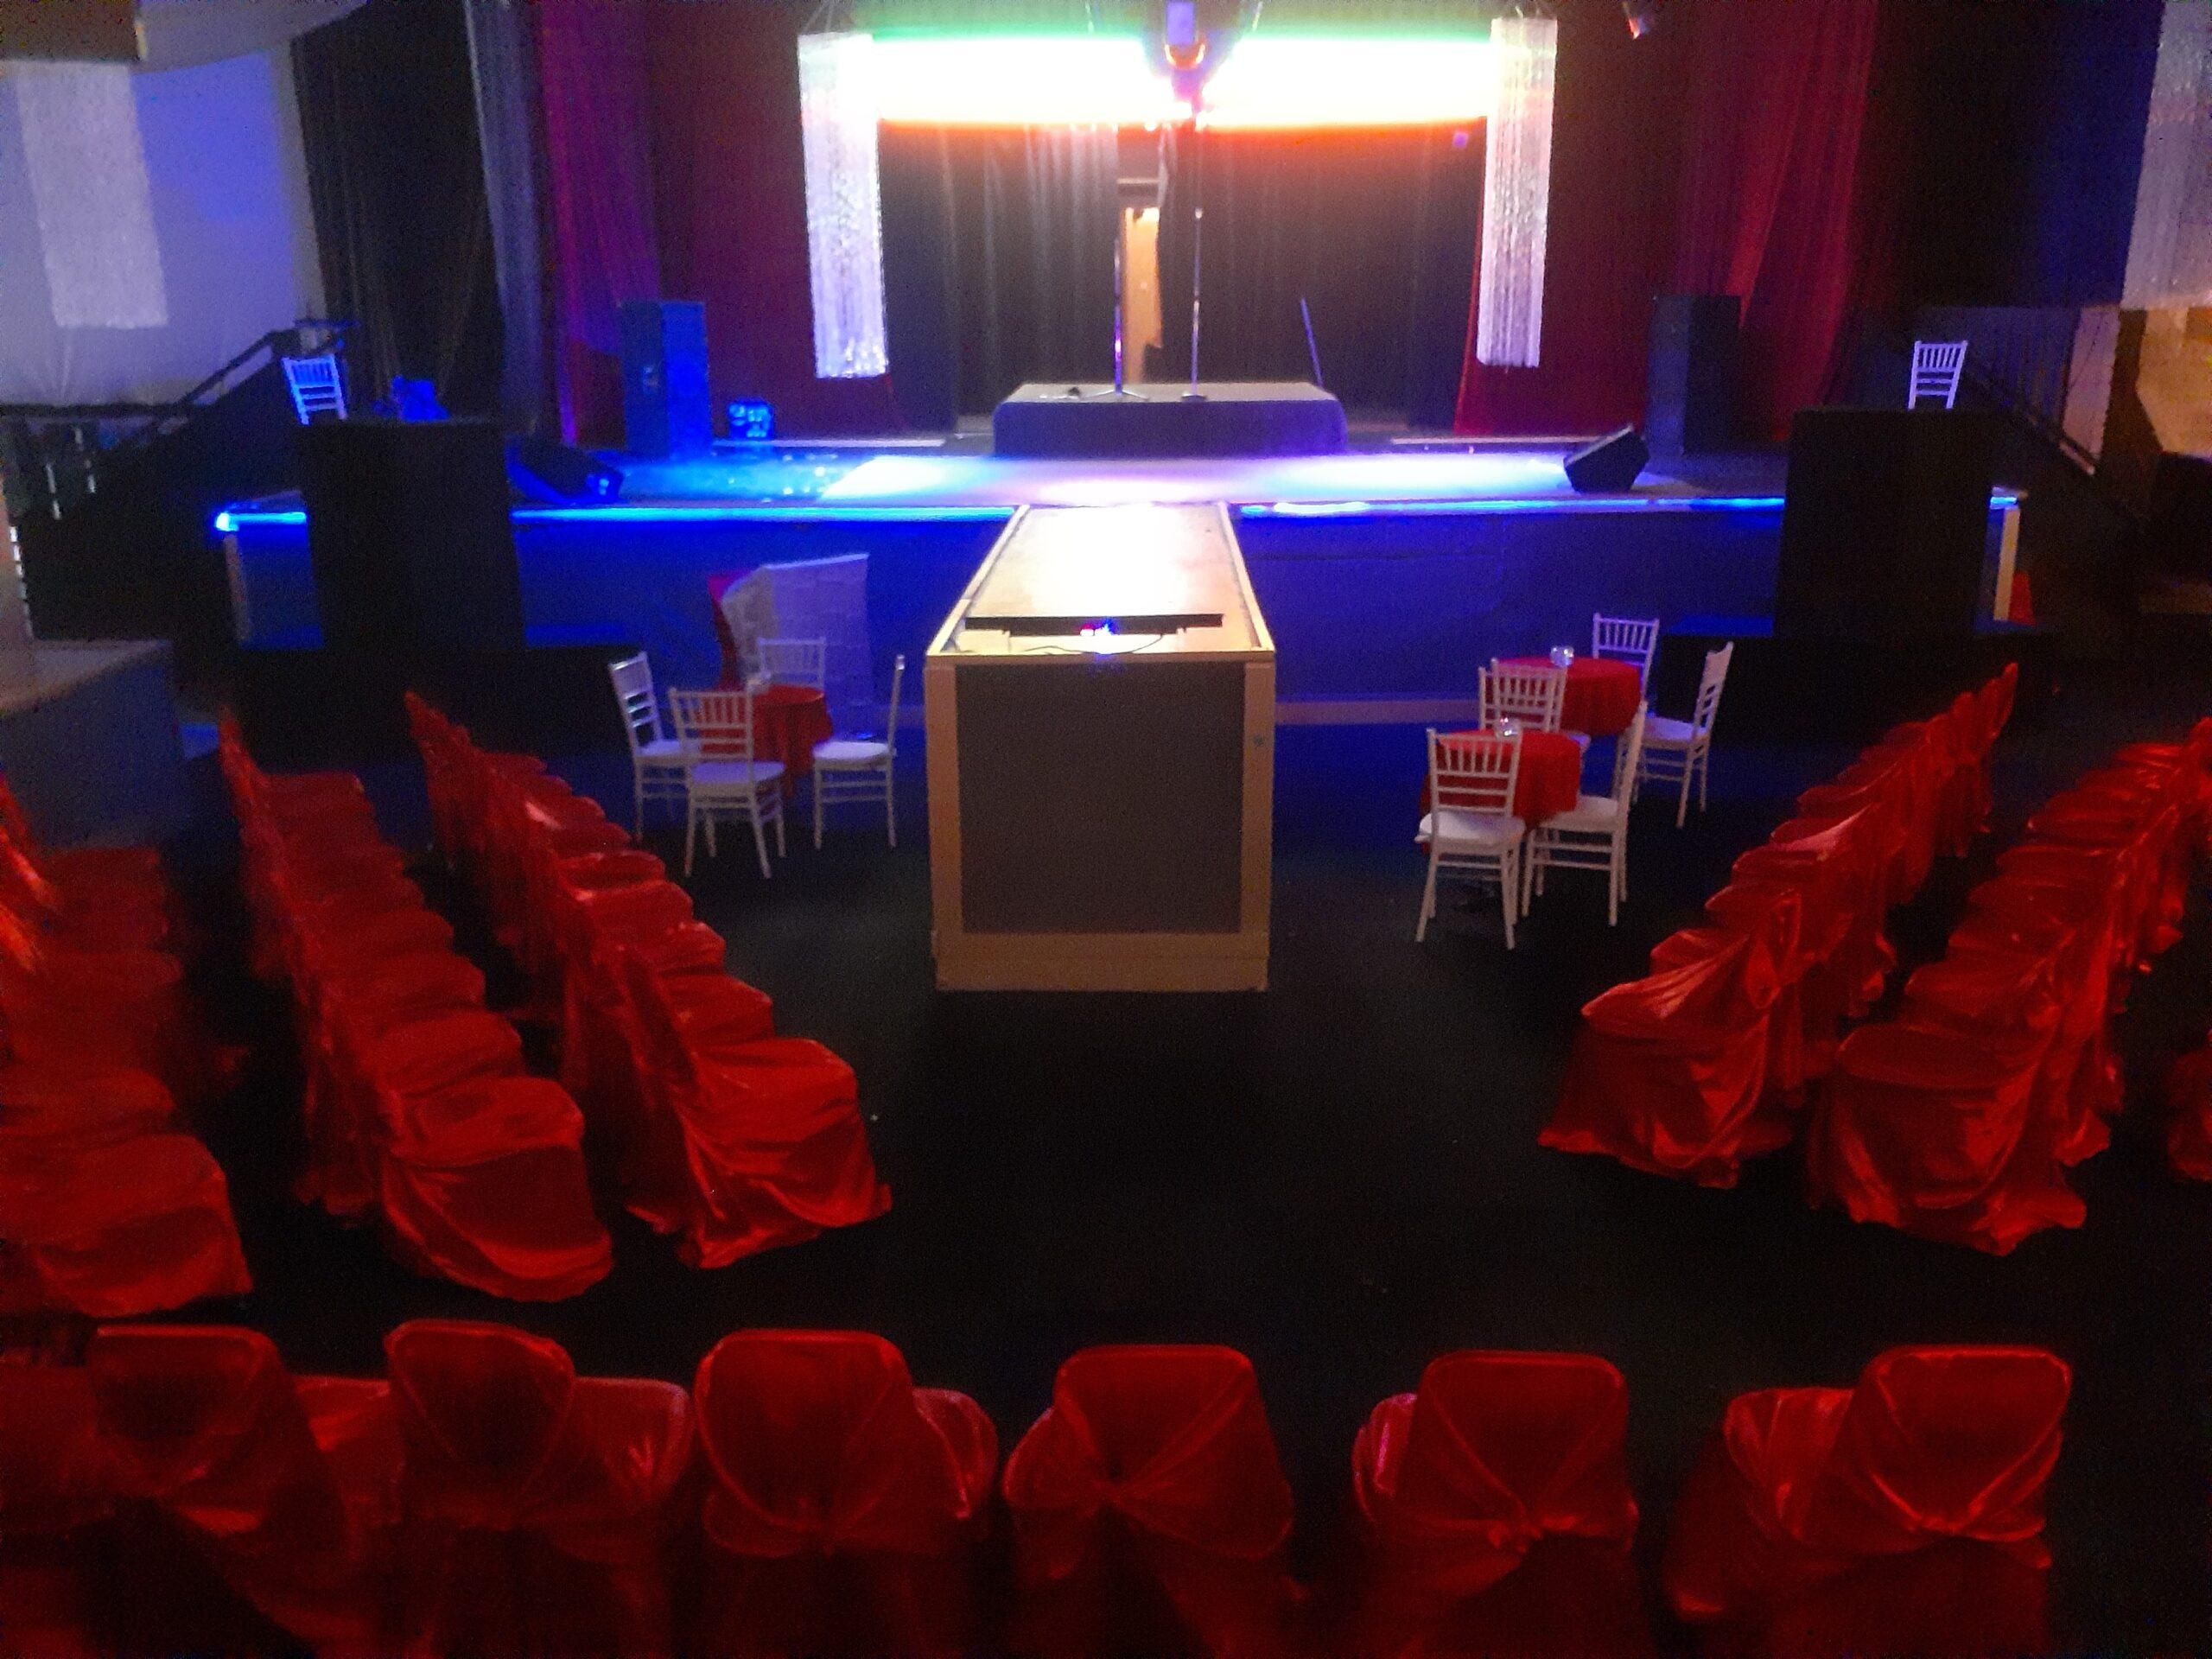 The Atrium Event Center